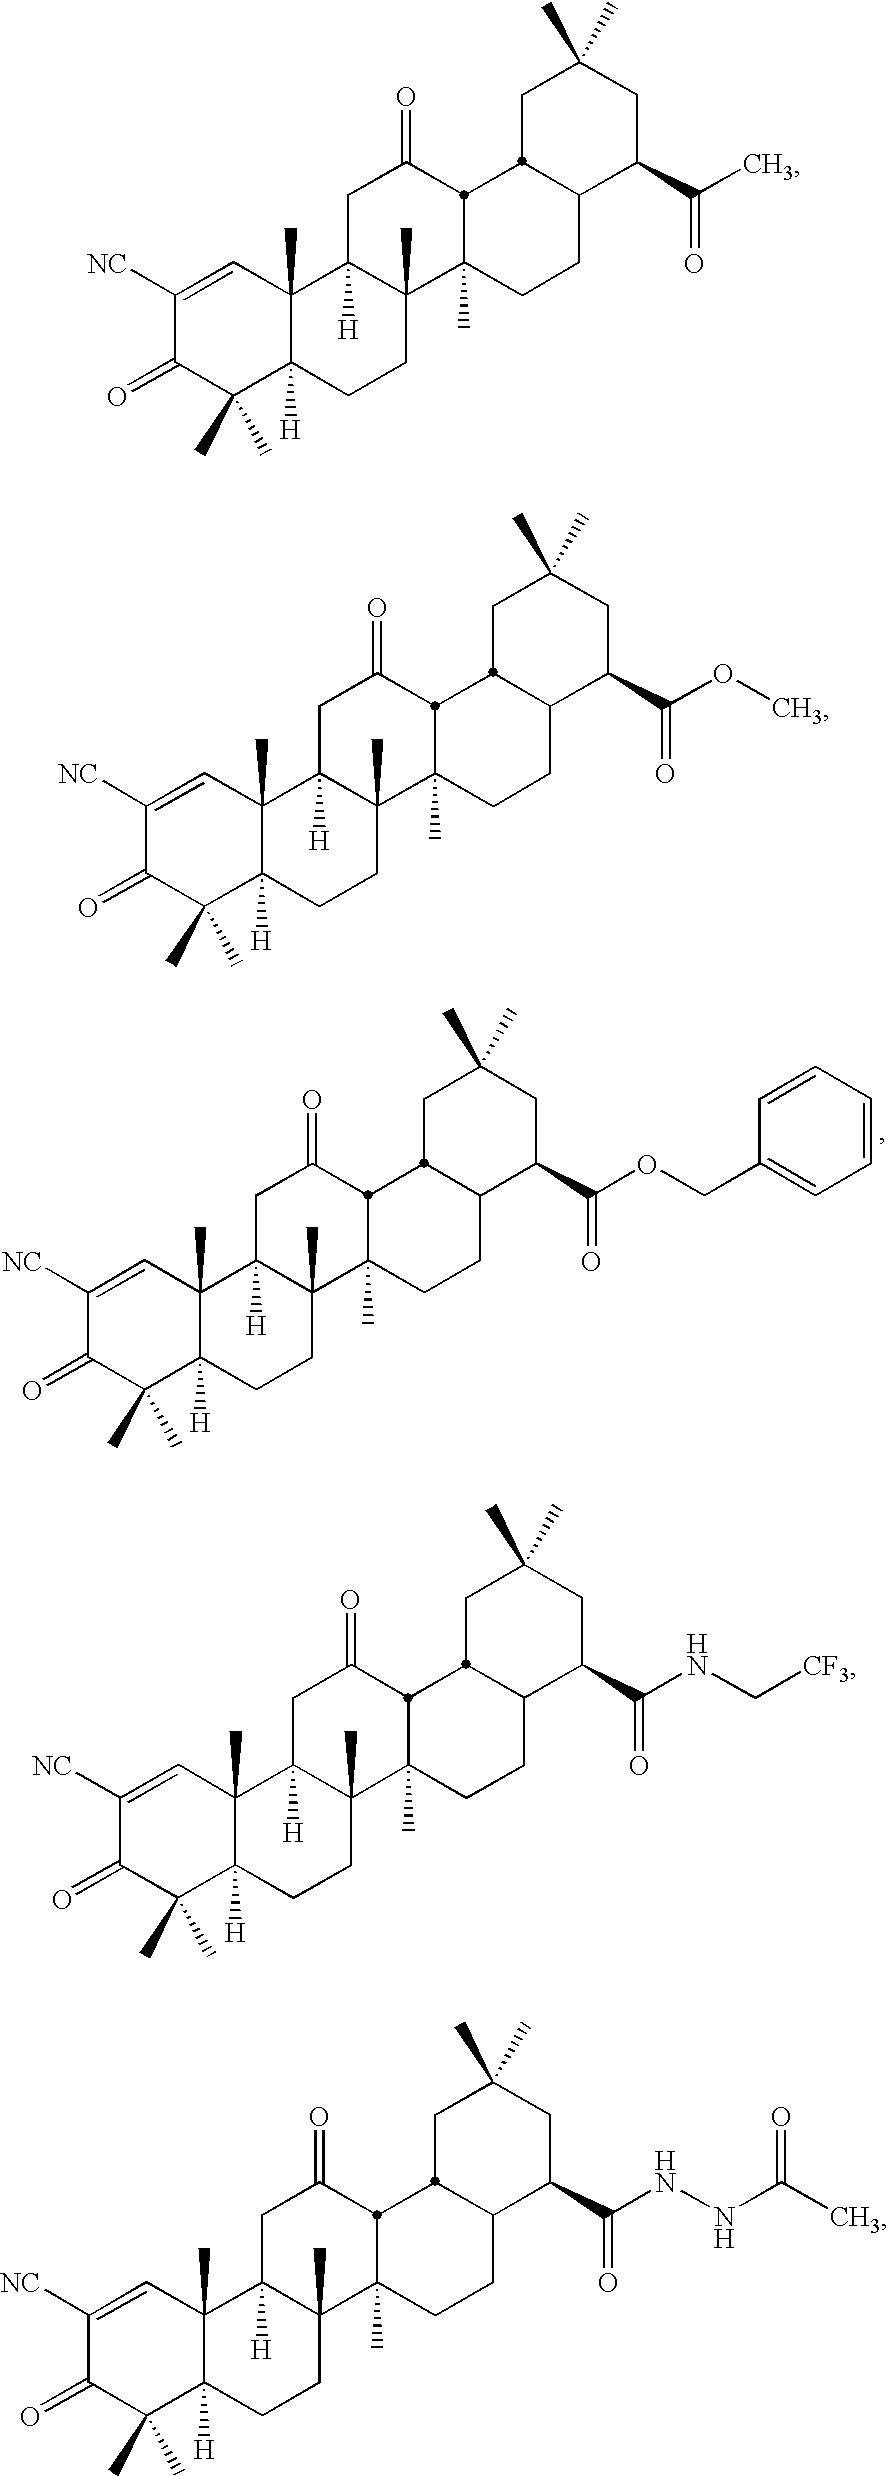 Figure US20100056777A1-20100304-C00081